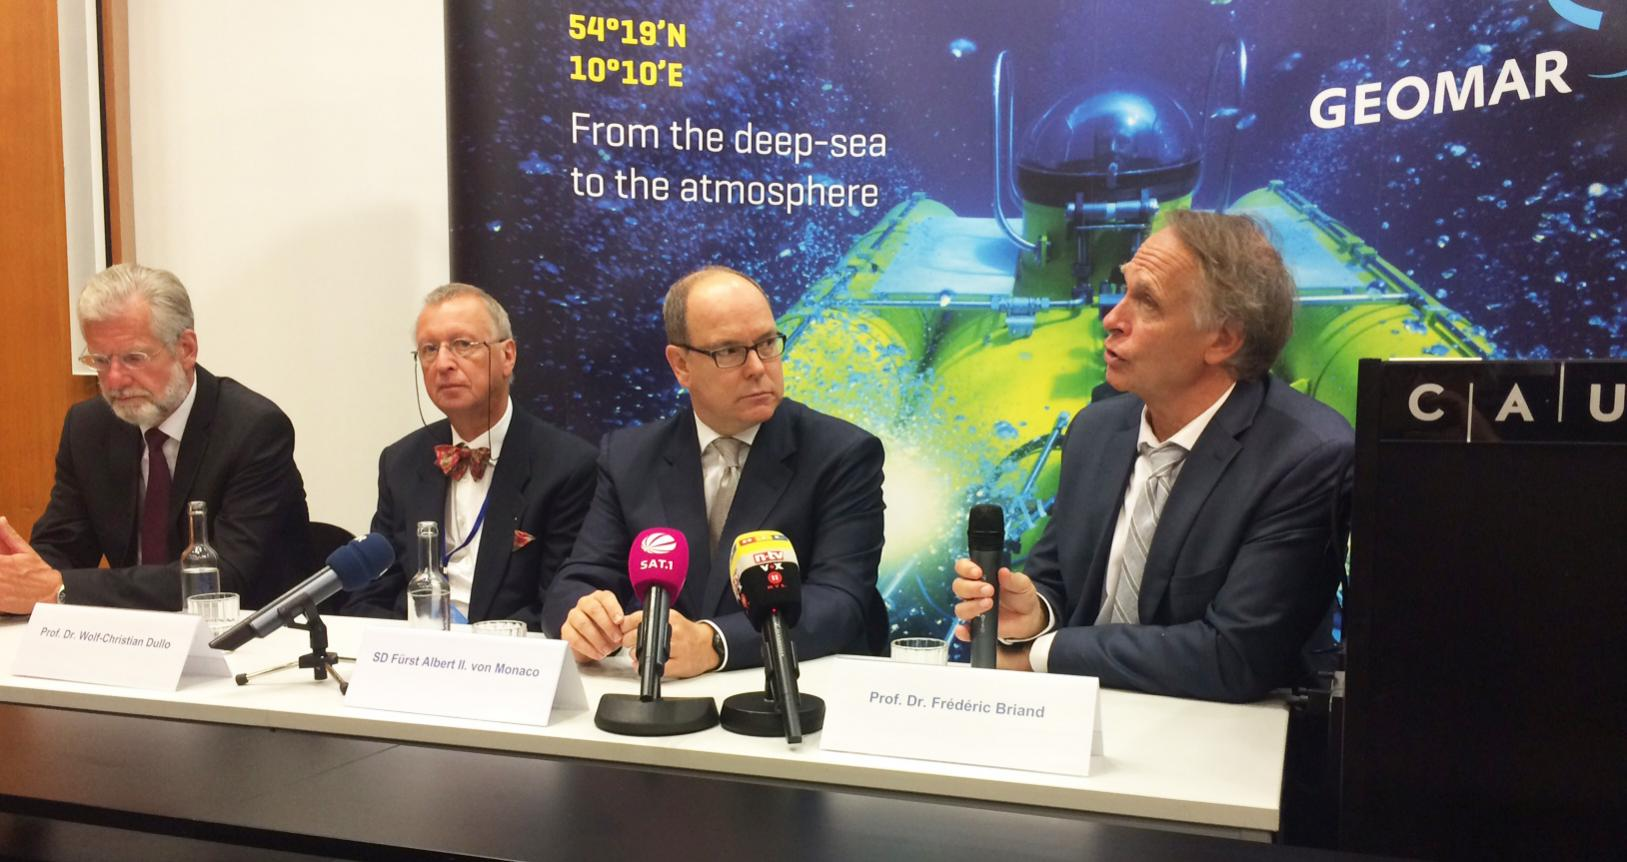 Deutscher Meerespreis - Fürst Albert von Monaco in Kiel geehrt